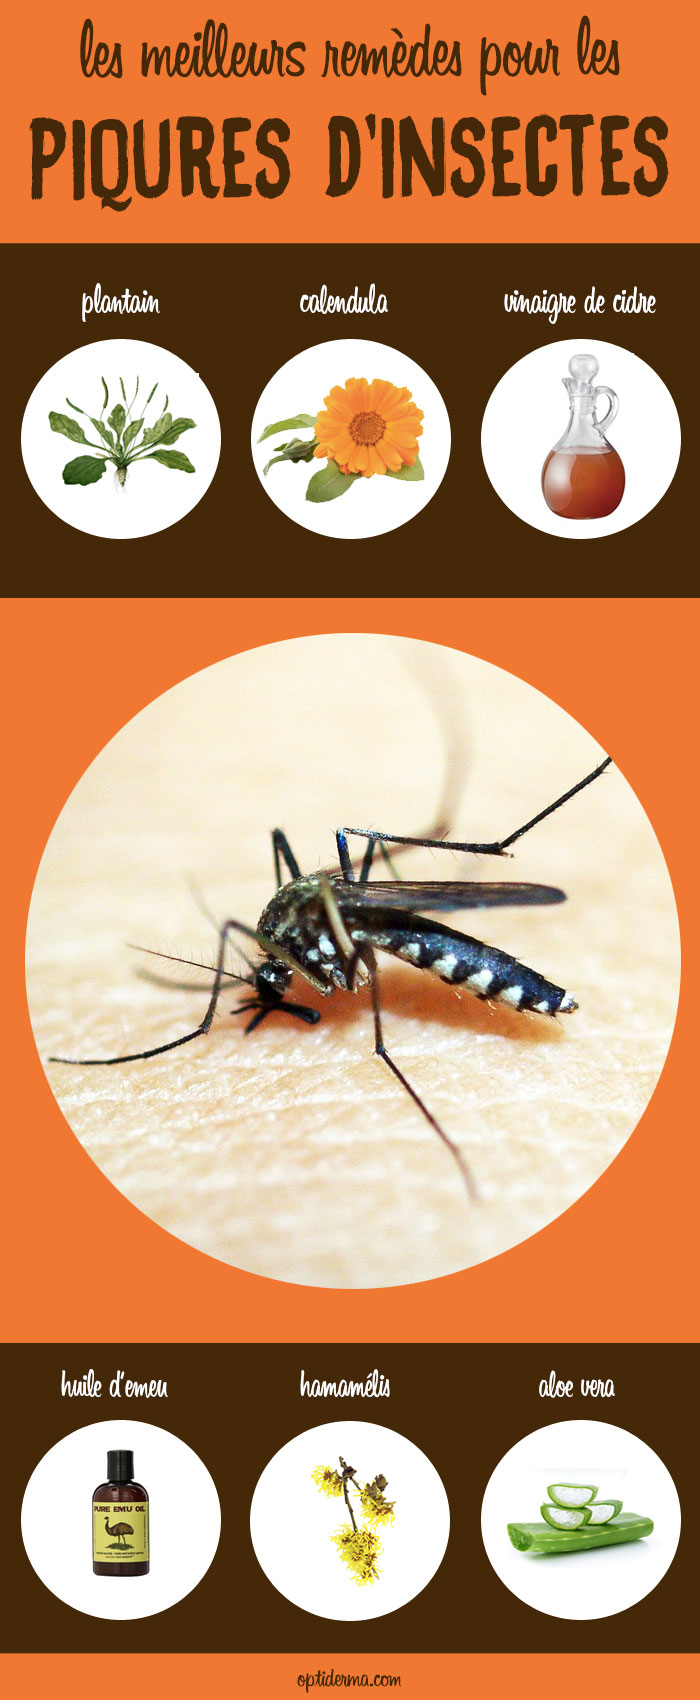 Piqûres d'Insectes qui Font des Cloques : Conseils et Remèdes